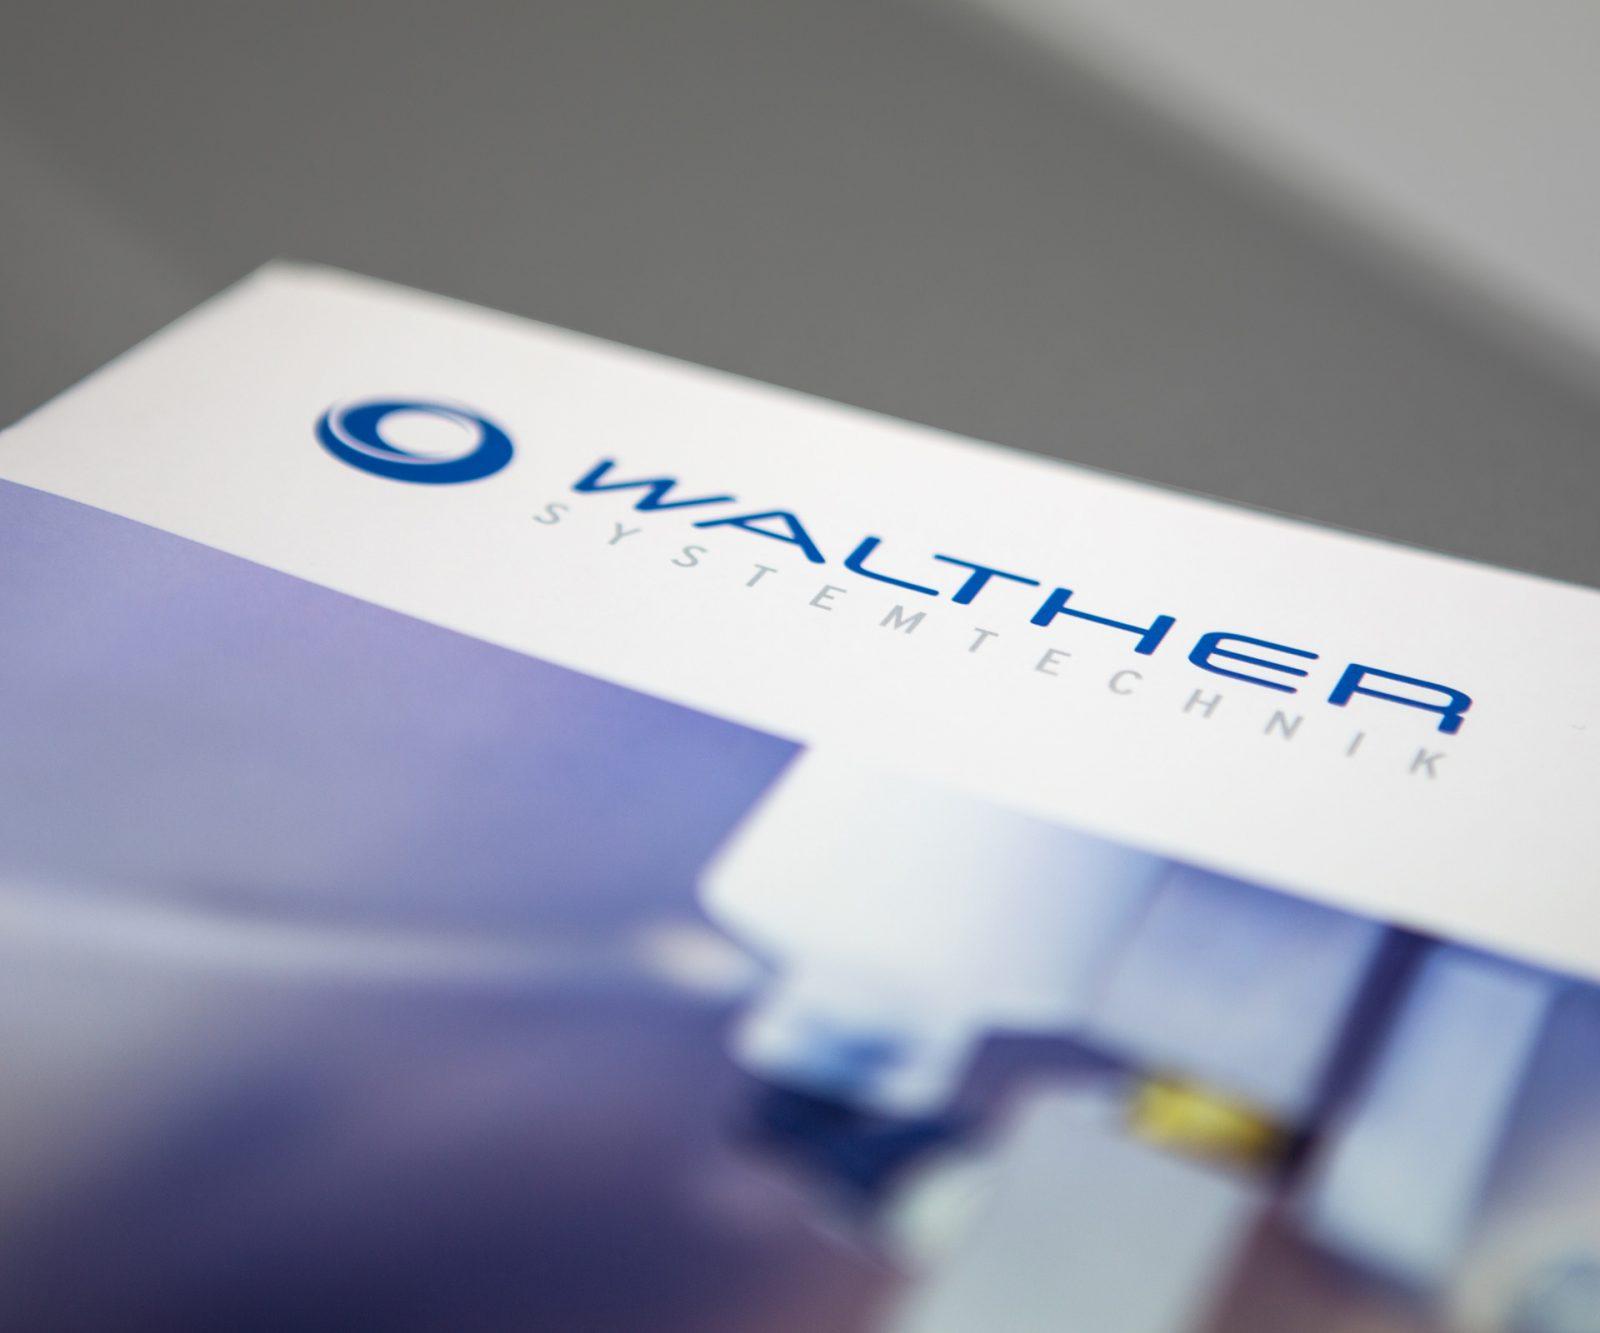 Sabath Media Werbeagentur - Walther Systemtechnik – Website & Broschüre - Referenzbild 6